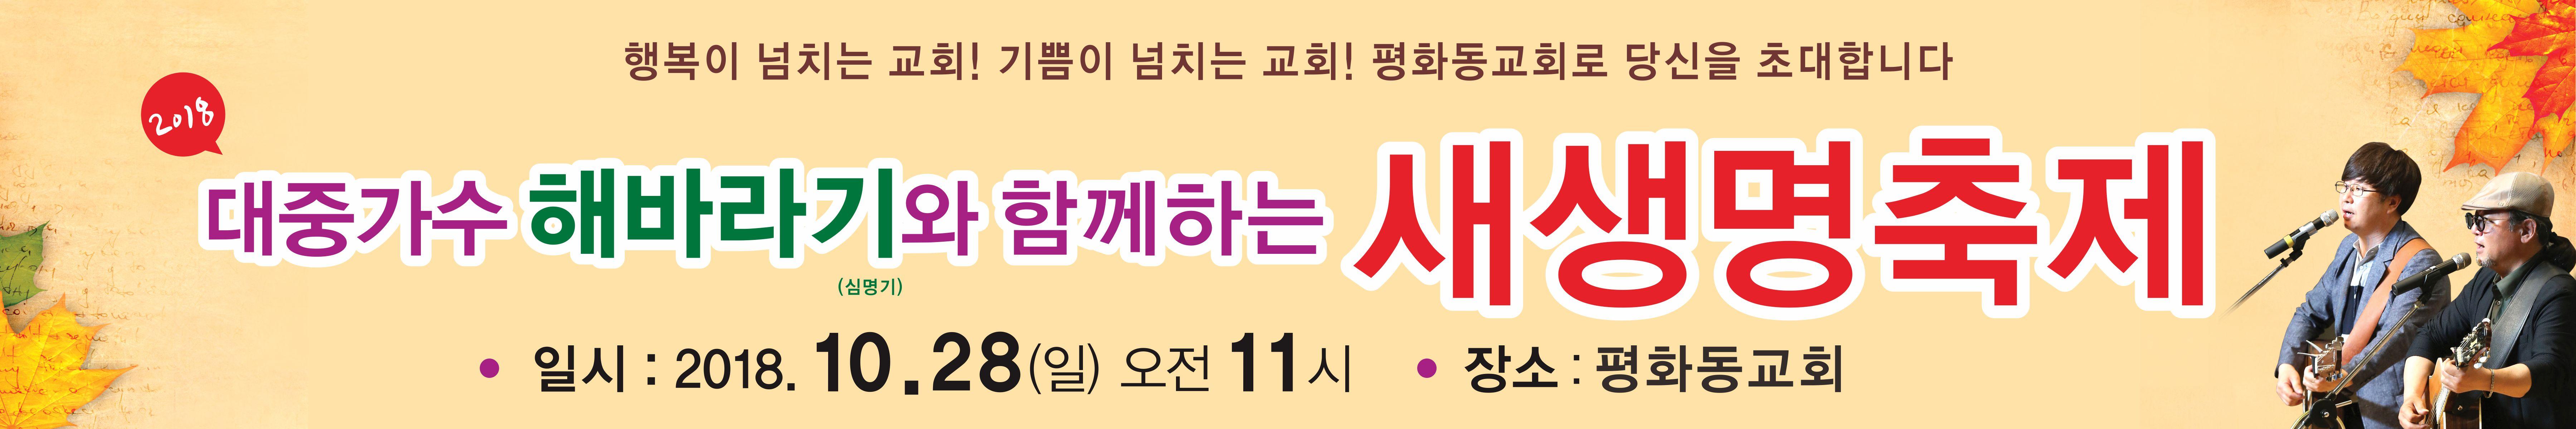 평화동교회 현수막(600-100)1.jpg